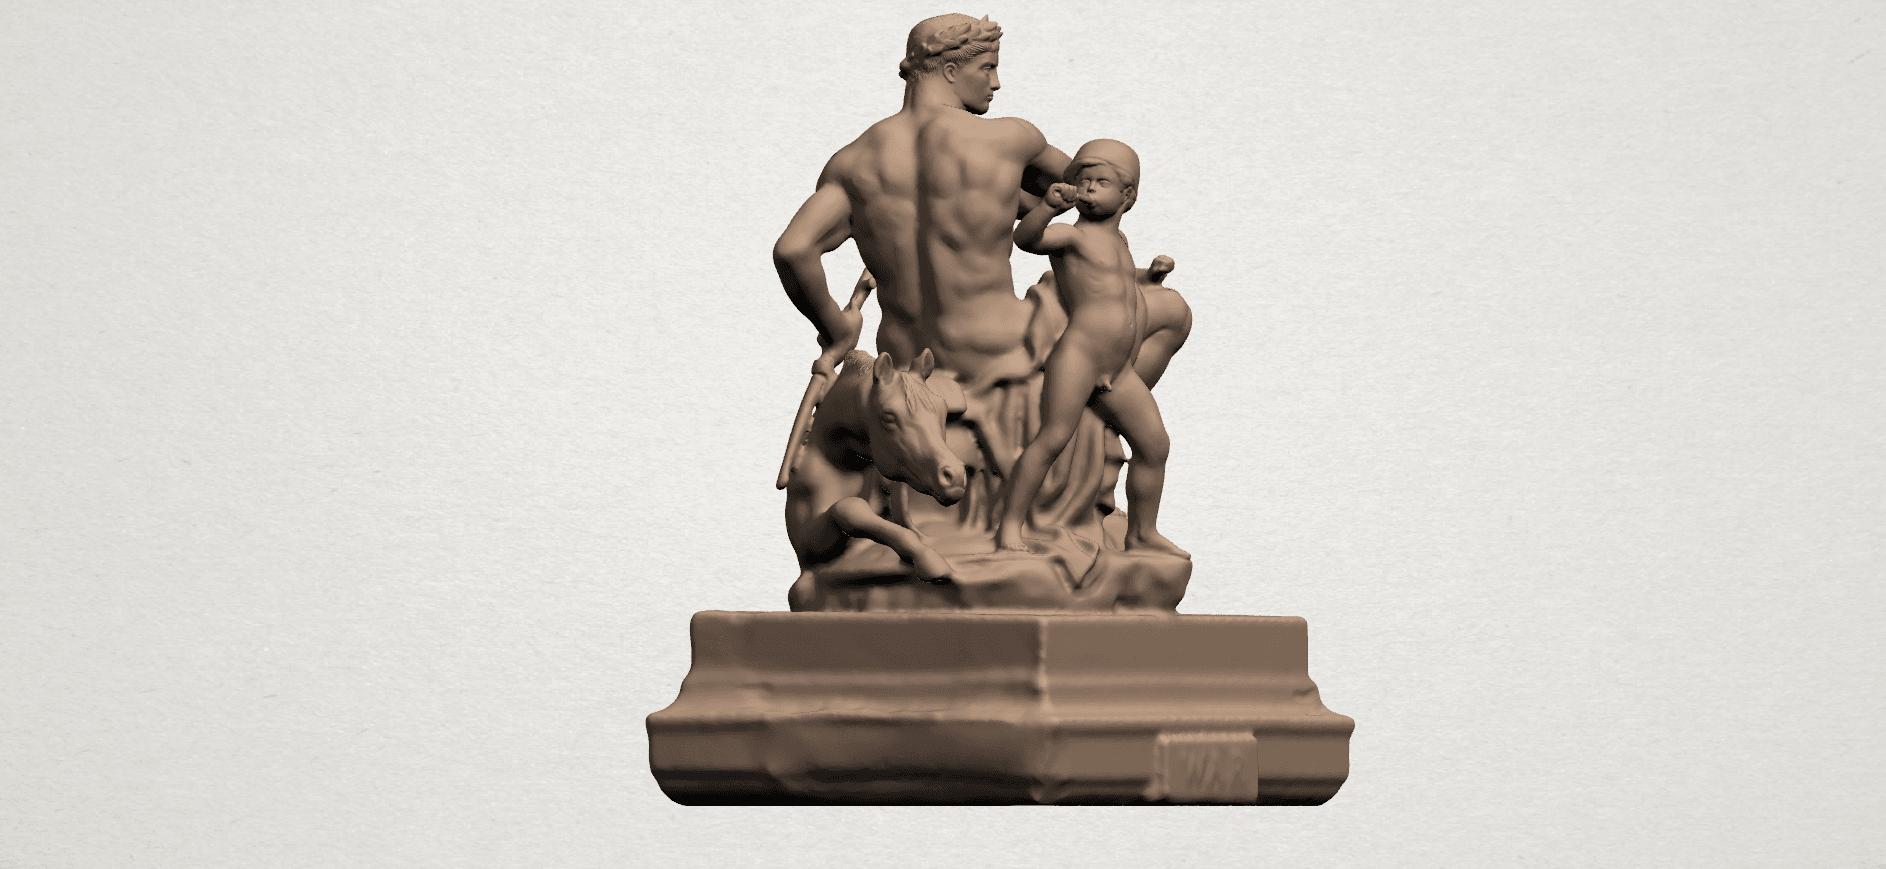 Father and Son (ii) A06.png Télécharger fichier STL gratuit Père et Fils 02 • Plan à imprimer en 3D, GeorgesNikkei